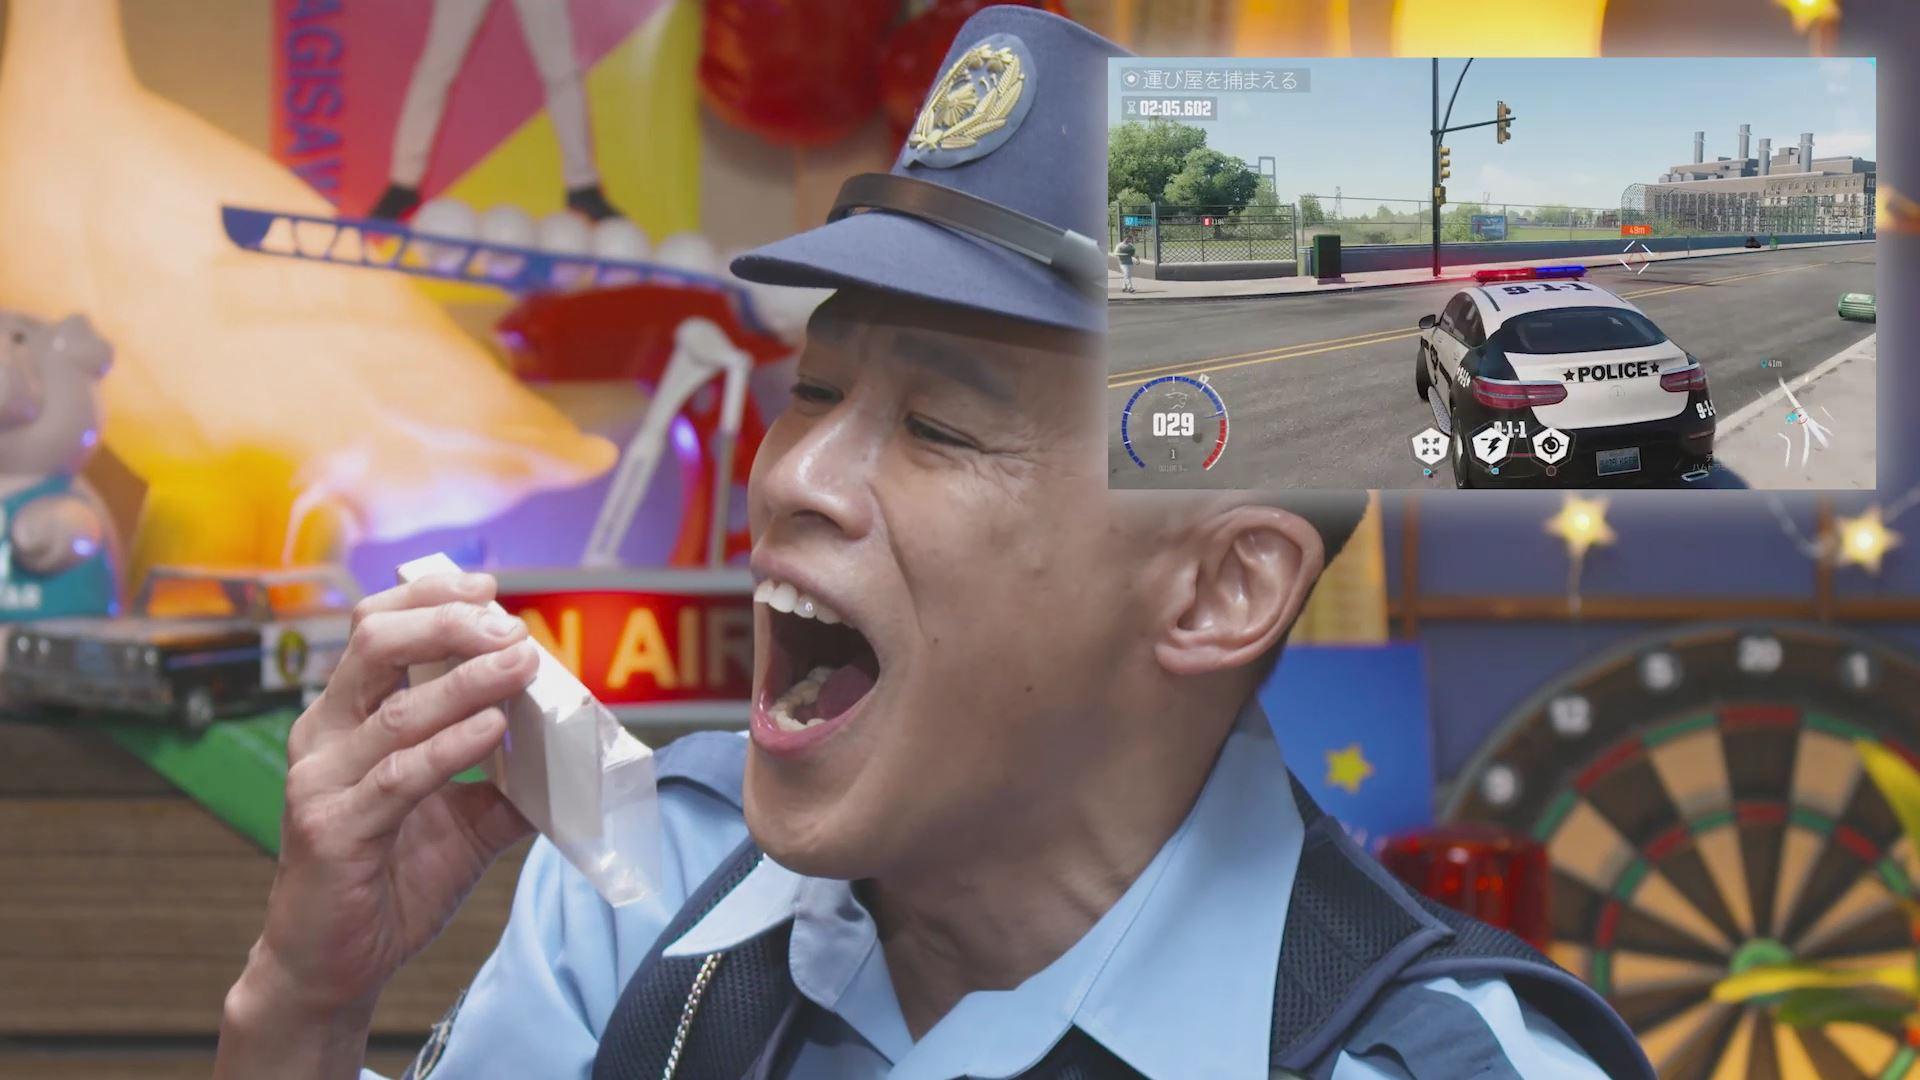 柳沢慎吾、昭和風味のYouTuberに! 「ひとり警察24時」でゲーム実況